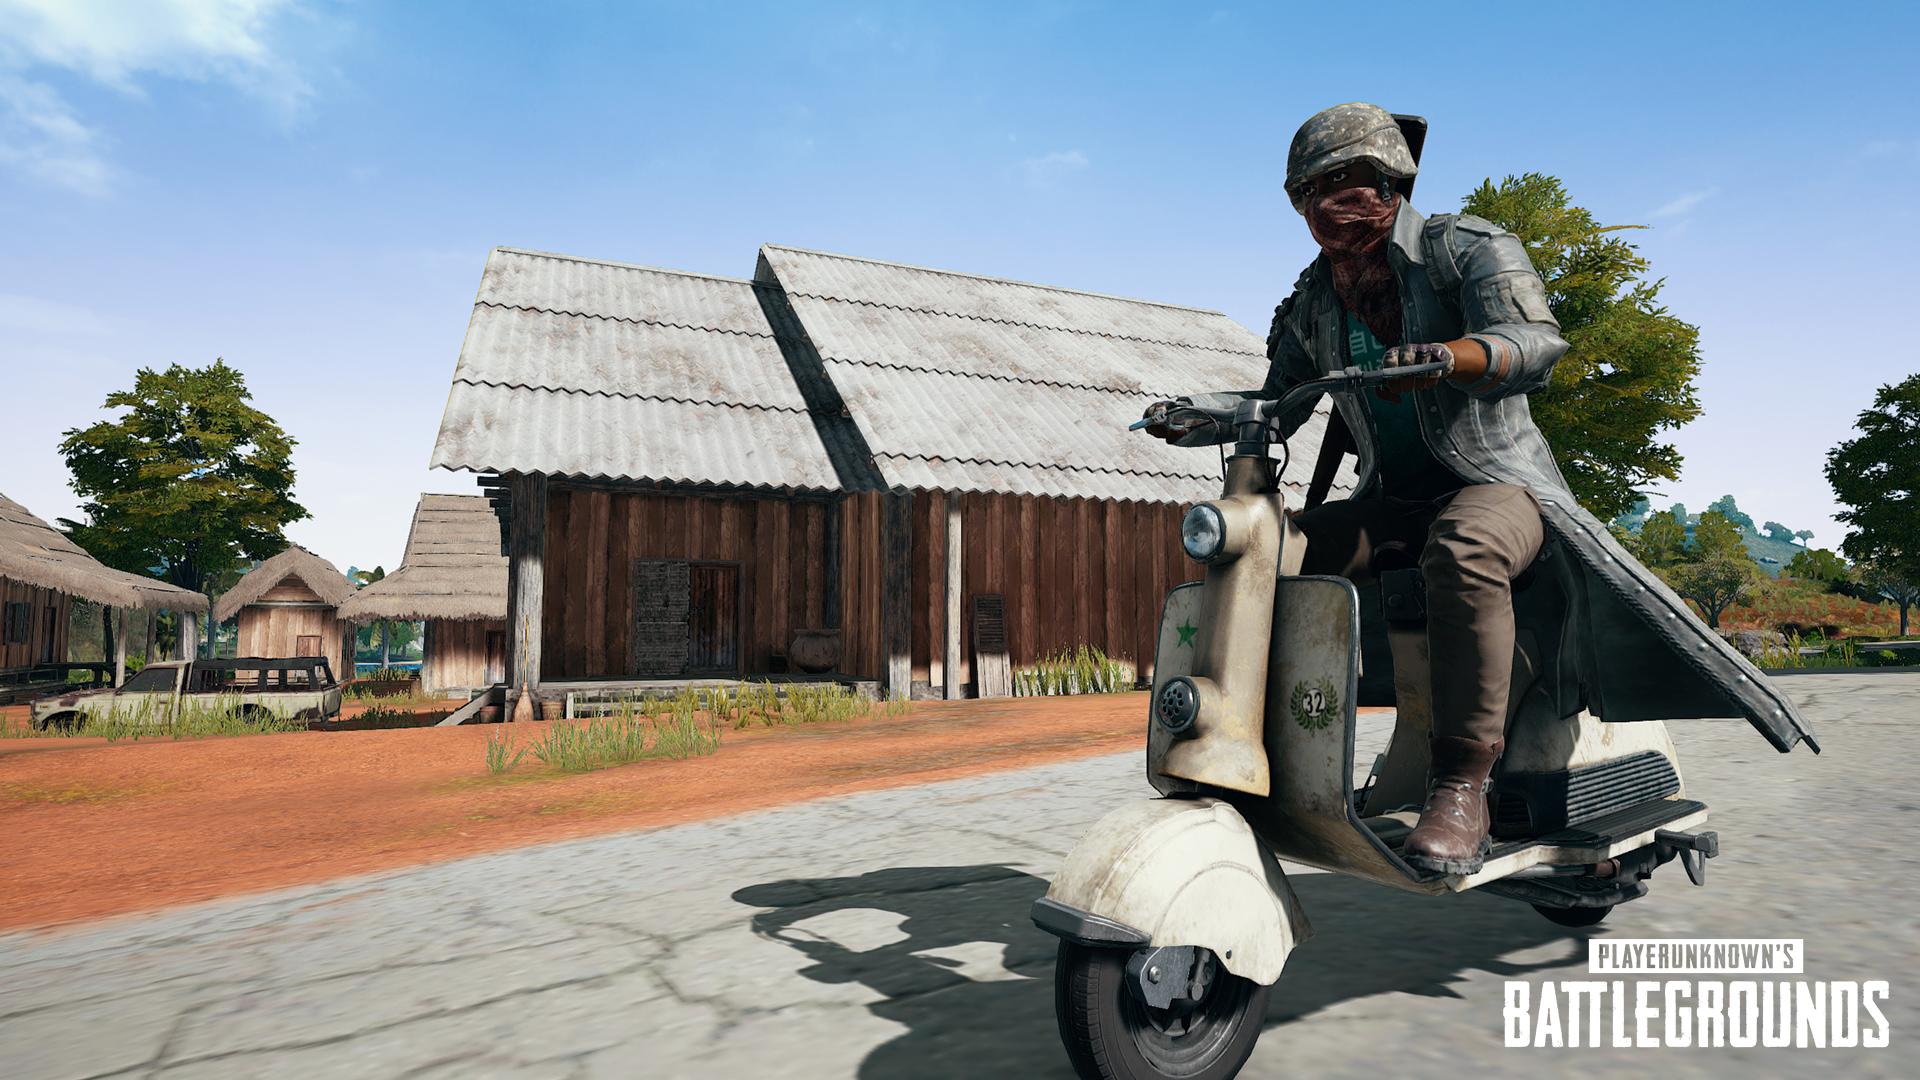 【PUBG】PC1.0アップデート#20:新武器「Beryl M762」とSanhok専用の新車両「Scooter」実装、ゲームプレイやUI/UXに多くの新要素も